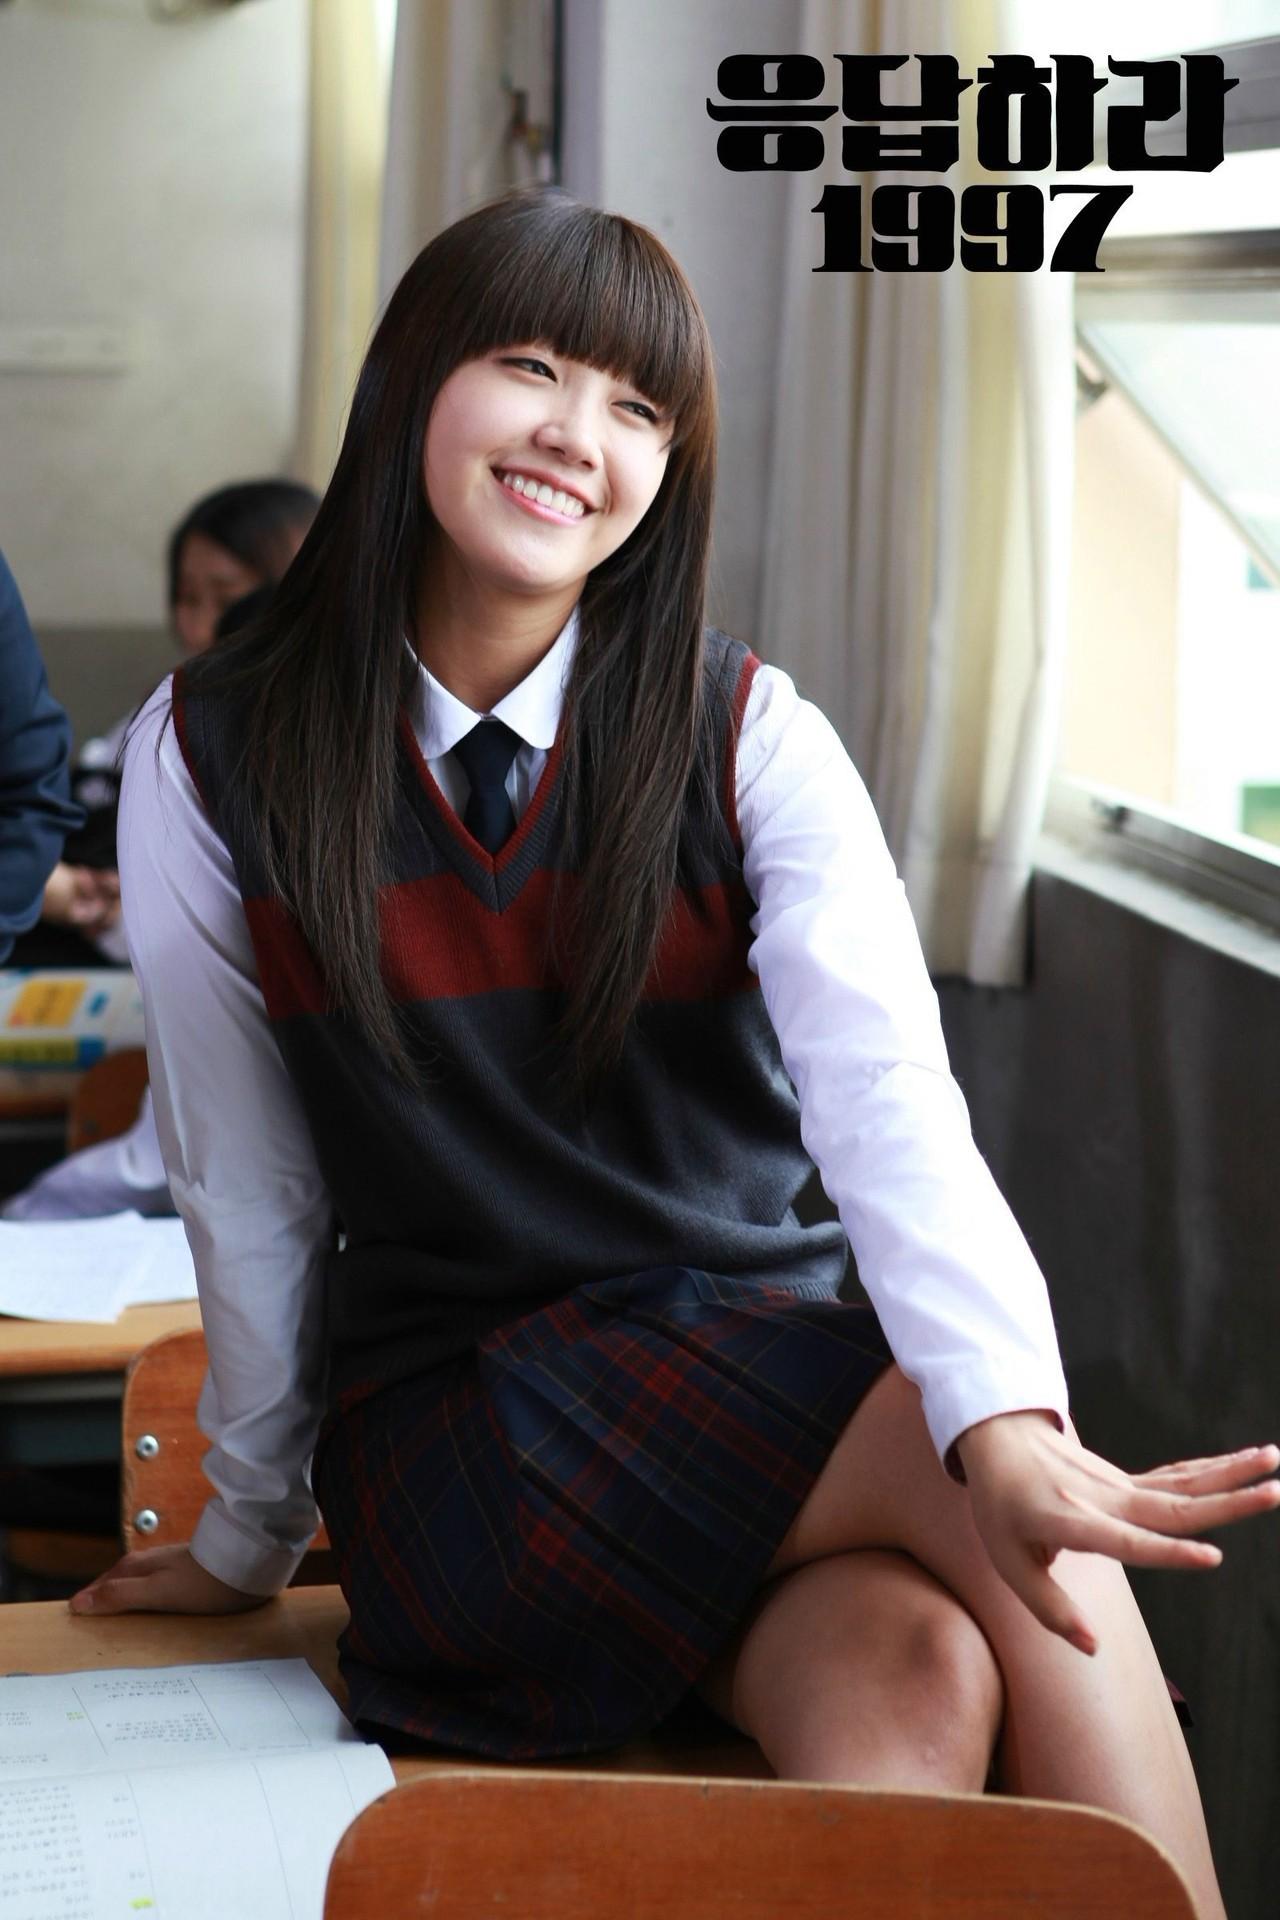 Hội idol Kpop debut để hát nhưng nên... làm nghề khác thì hơn (P.1) - Ảnh 4.